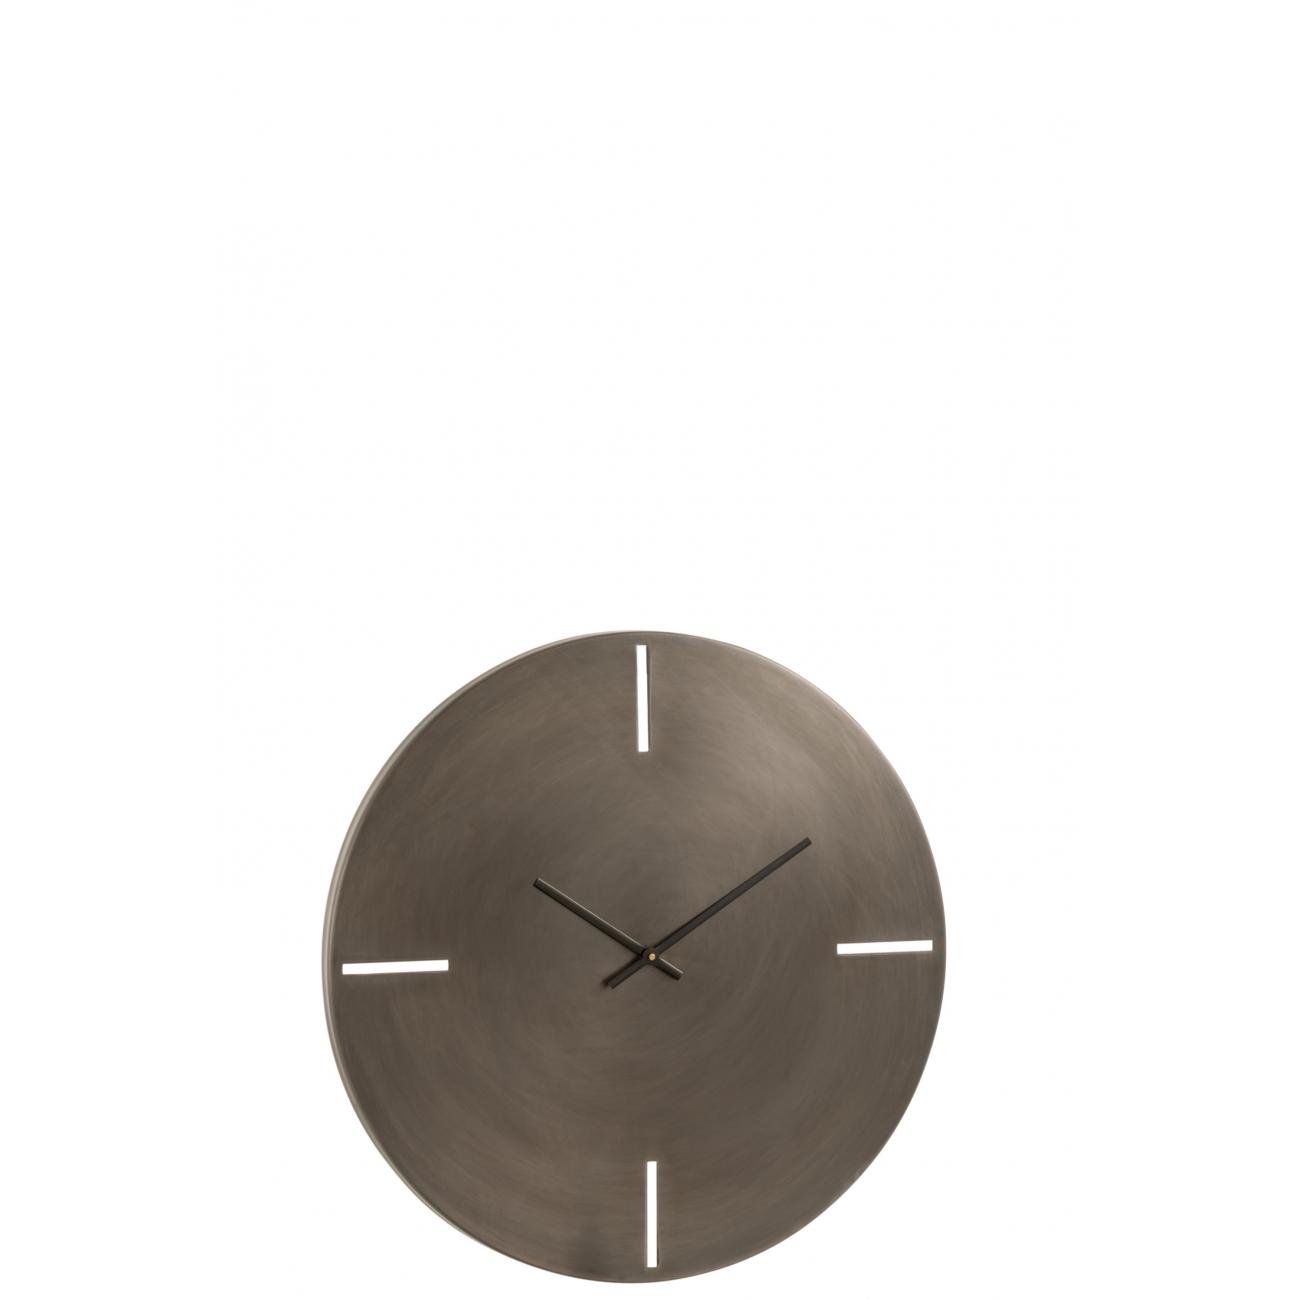 Настенные часы  J-LINE круглые серого матово цвета в алюминиевом корпусе диаметр 51 см Бельгия